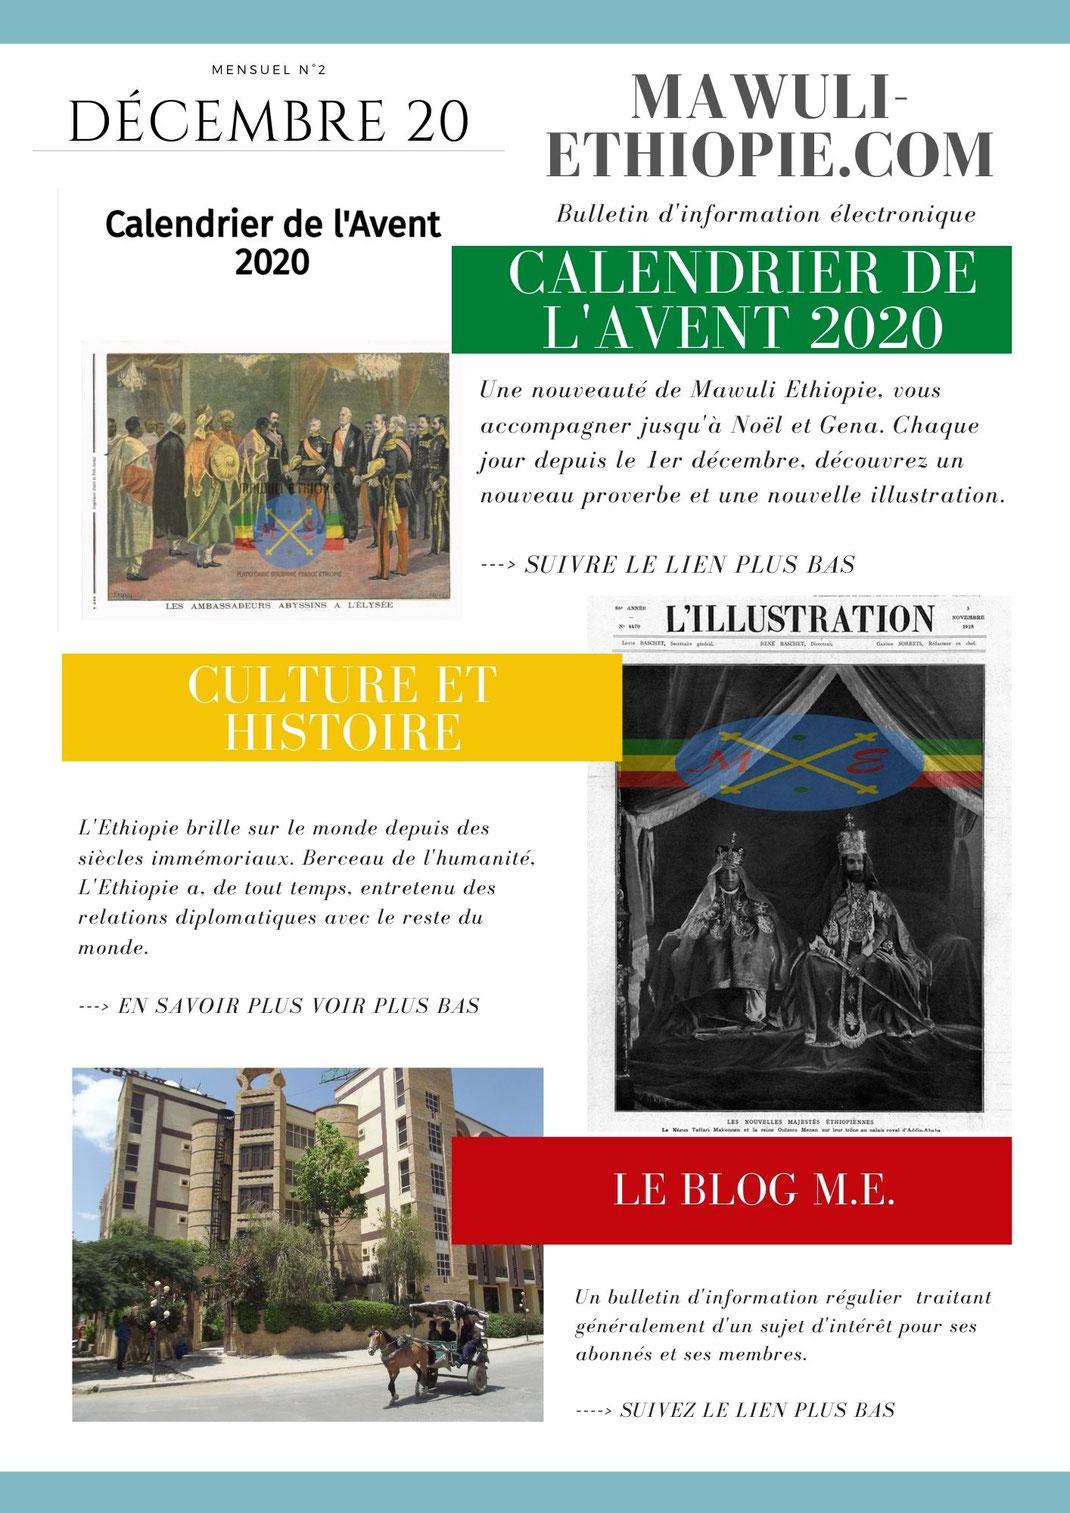 Mawuli Ethiopie Plateforme Solidaire France Ethiopie Voyage Equitable Vêtement Robe écharpe Café Epice éthiopienne habesha Artisanat éthiopien